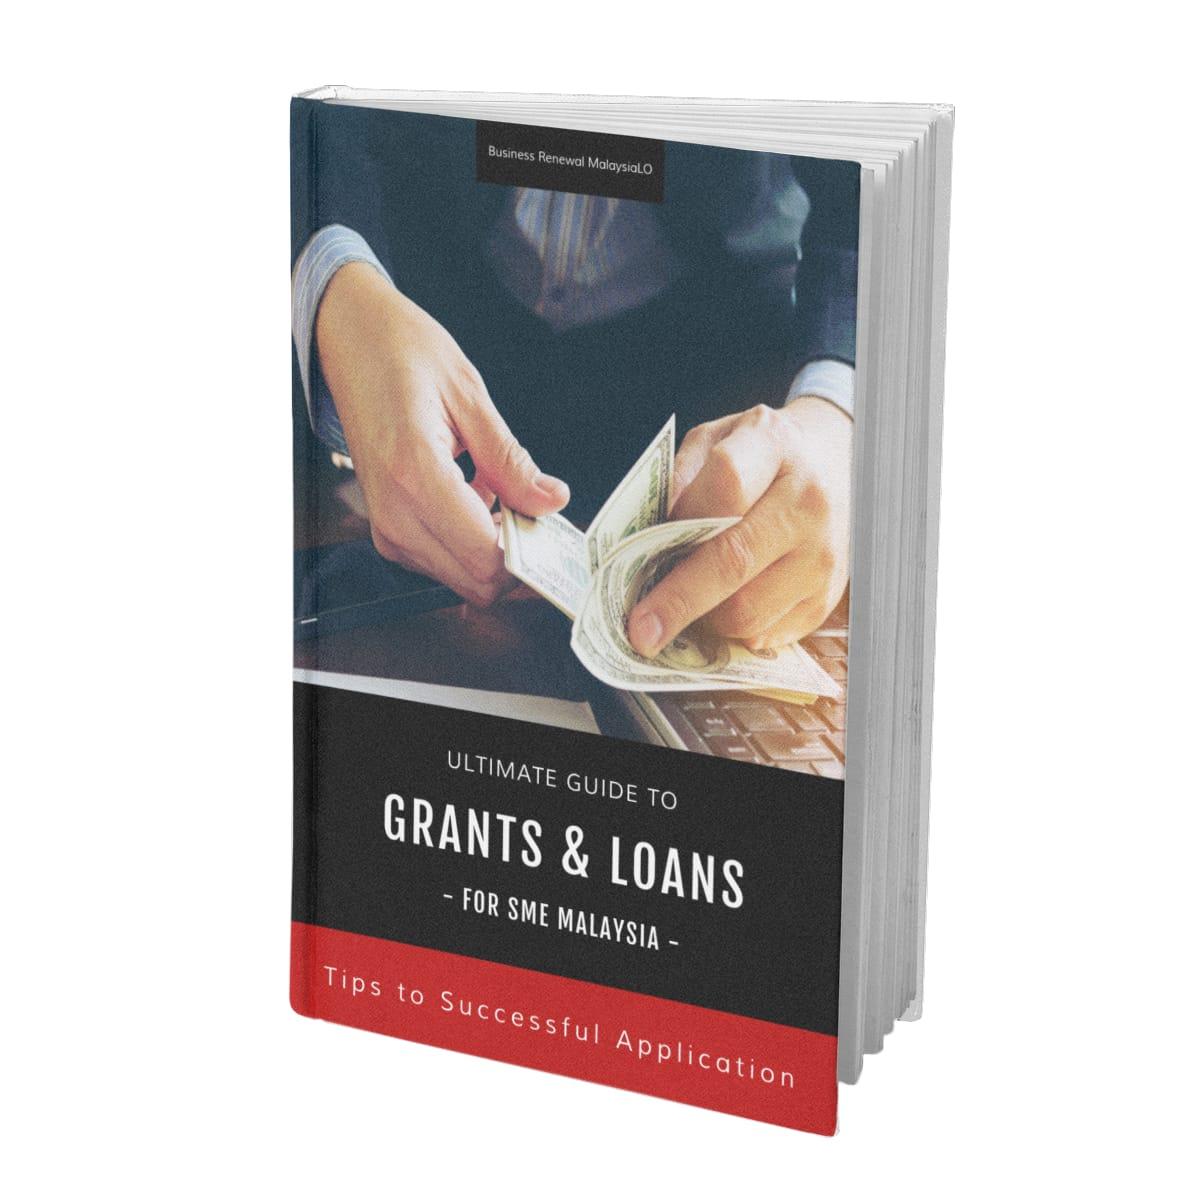 Grants & Loans SME Malaysia